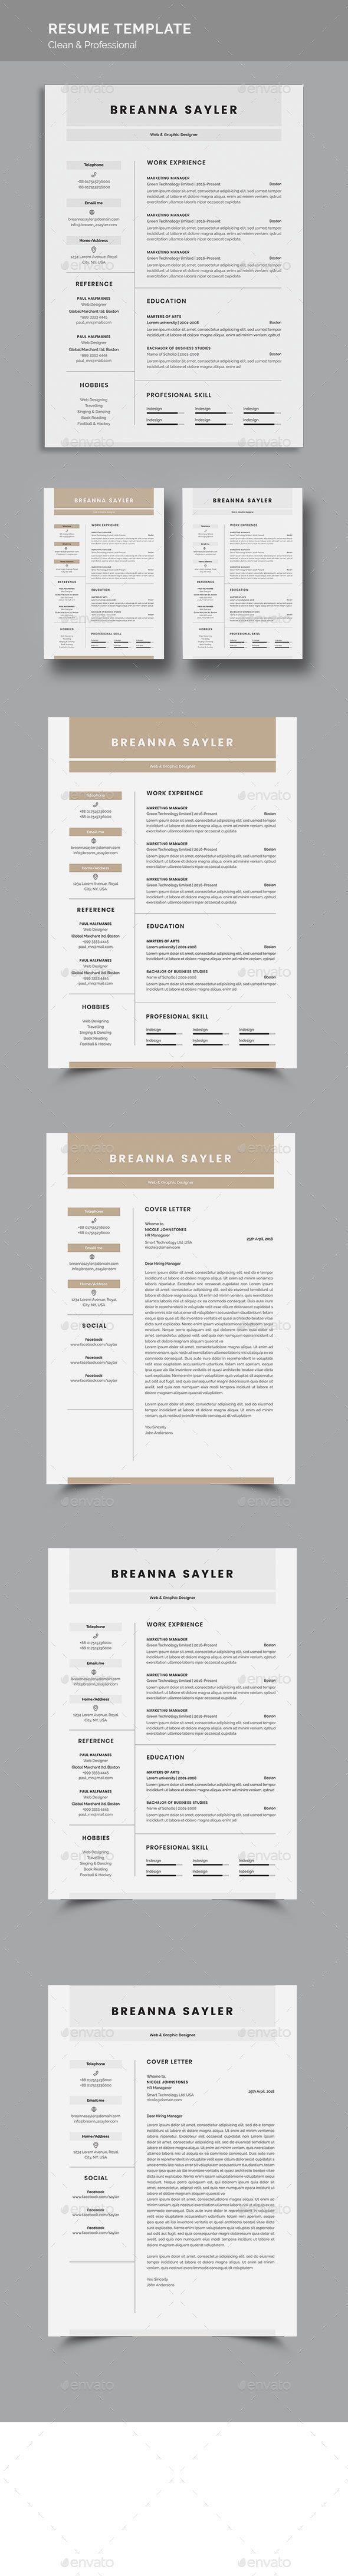 Resume Resume design template, Cover letter for resume